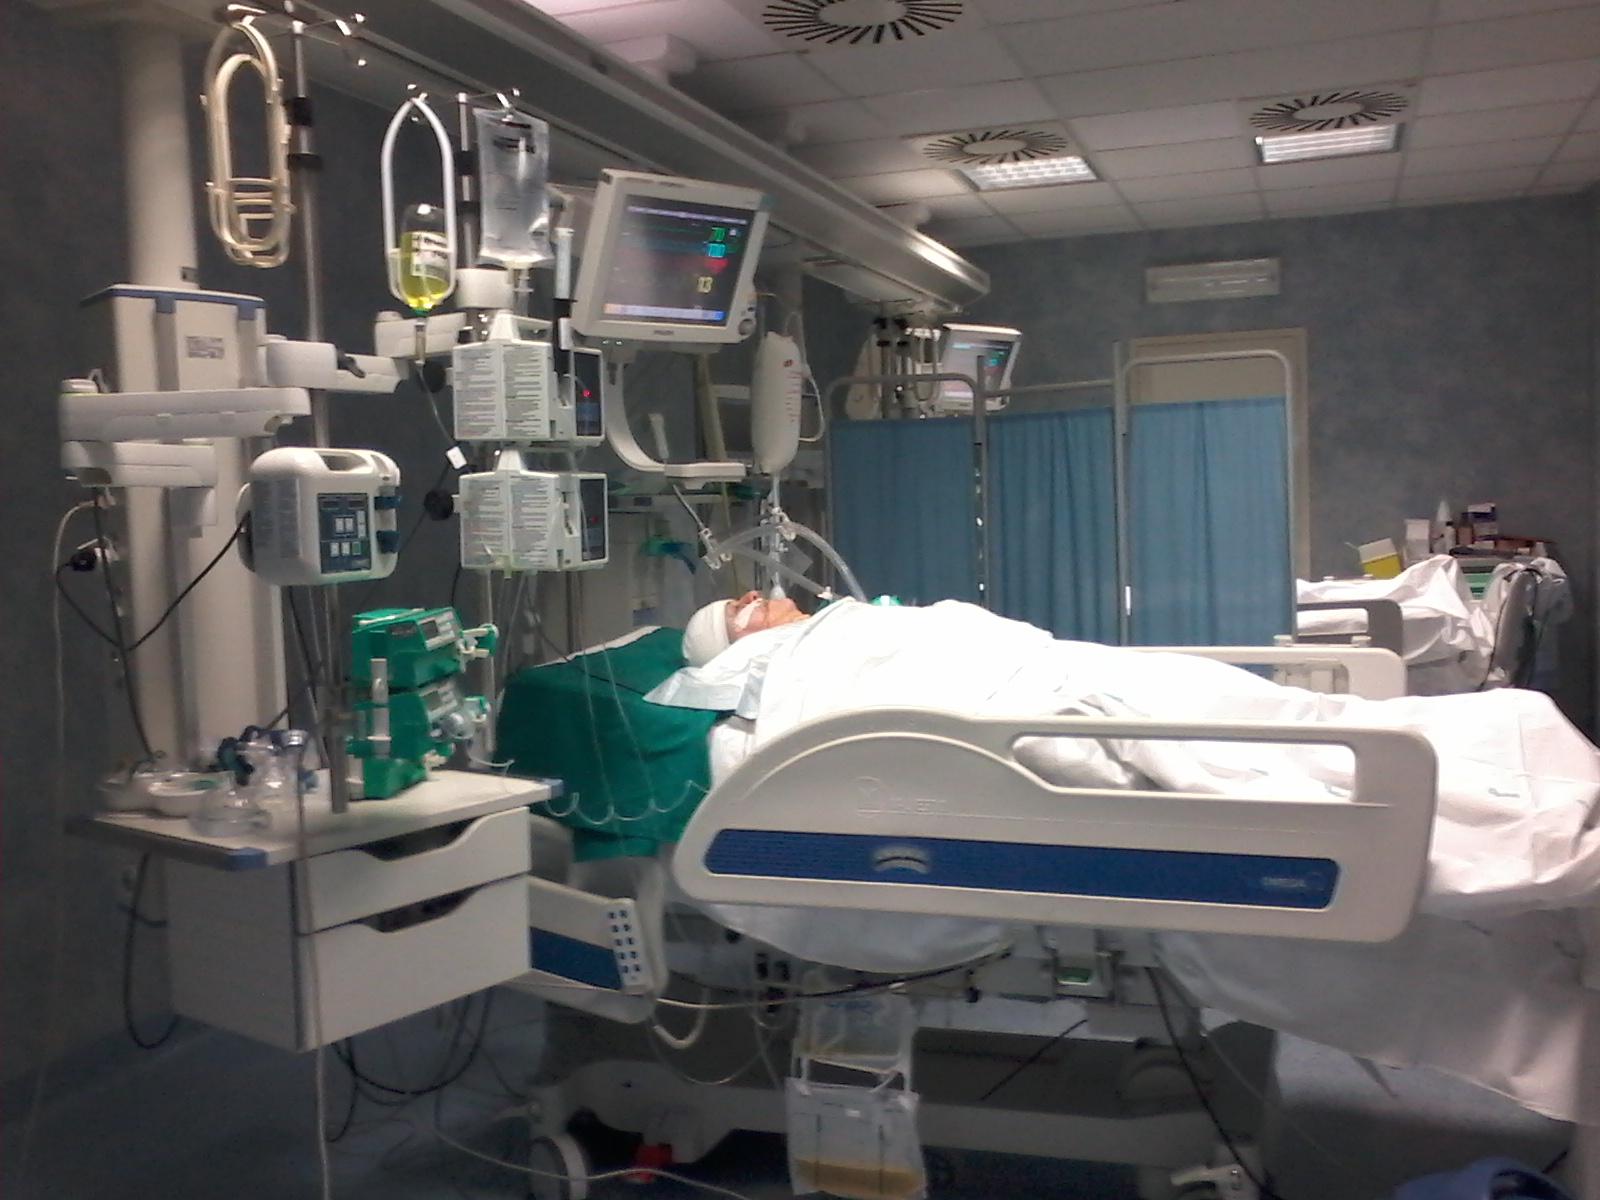 Ασφυξία στα νοσοκομεία από το τσουνάμι εισαγωγών